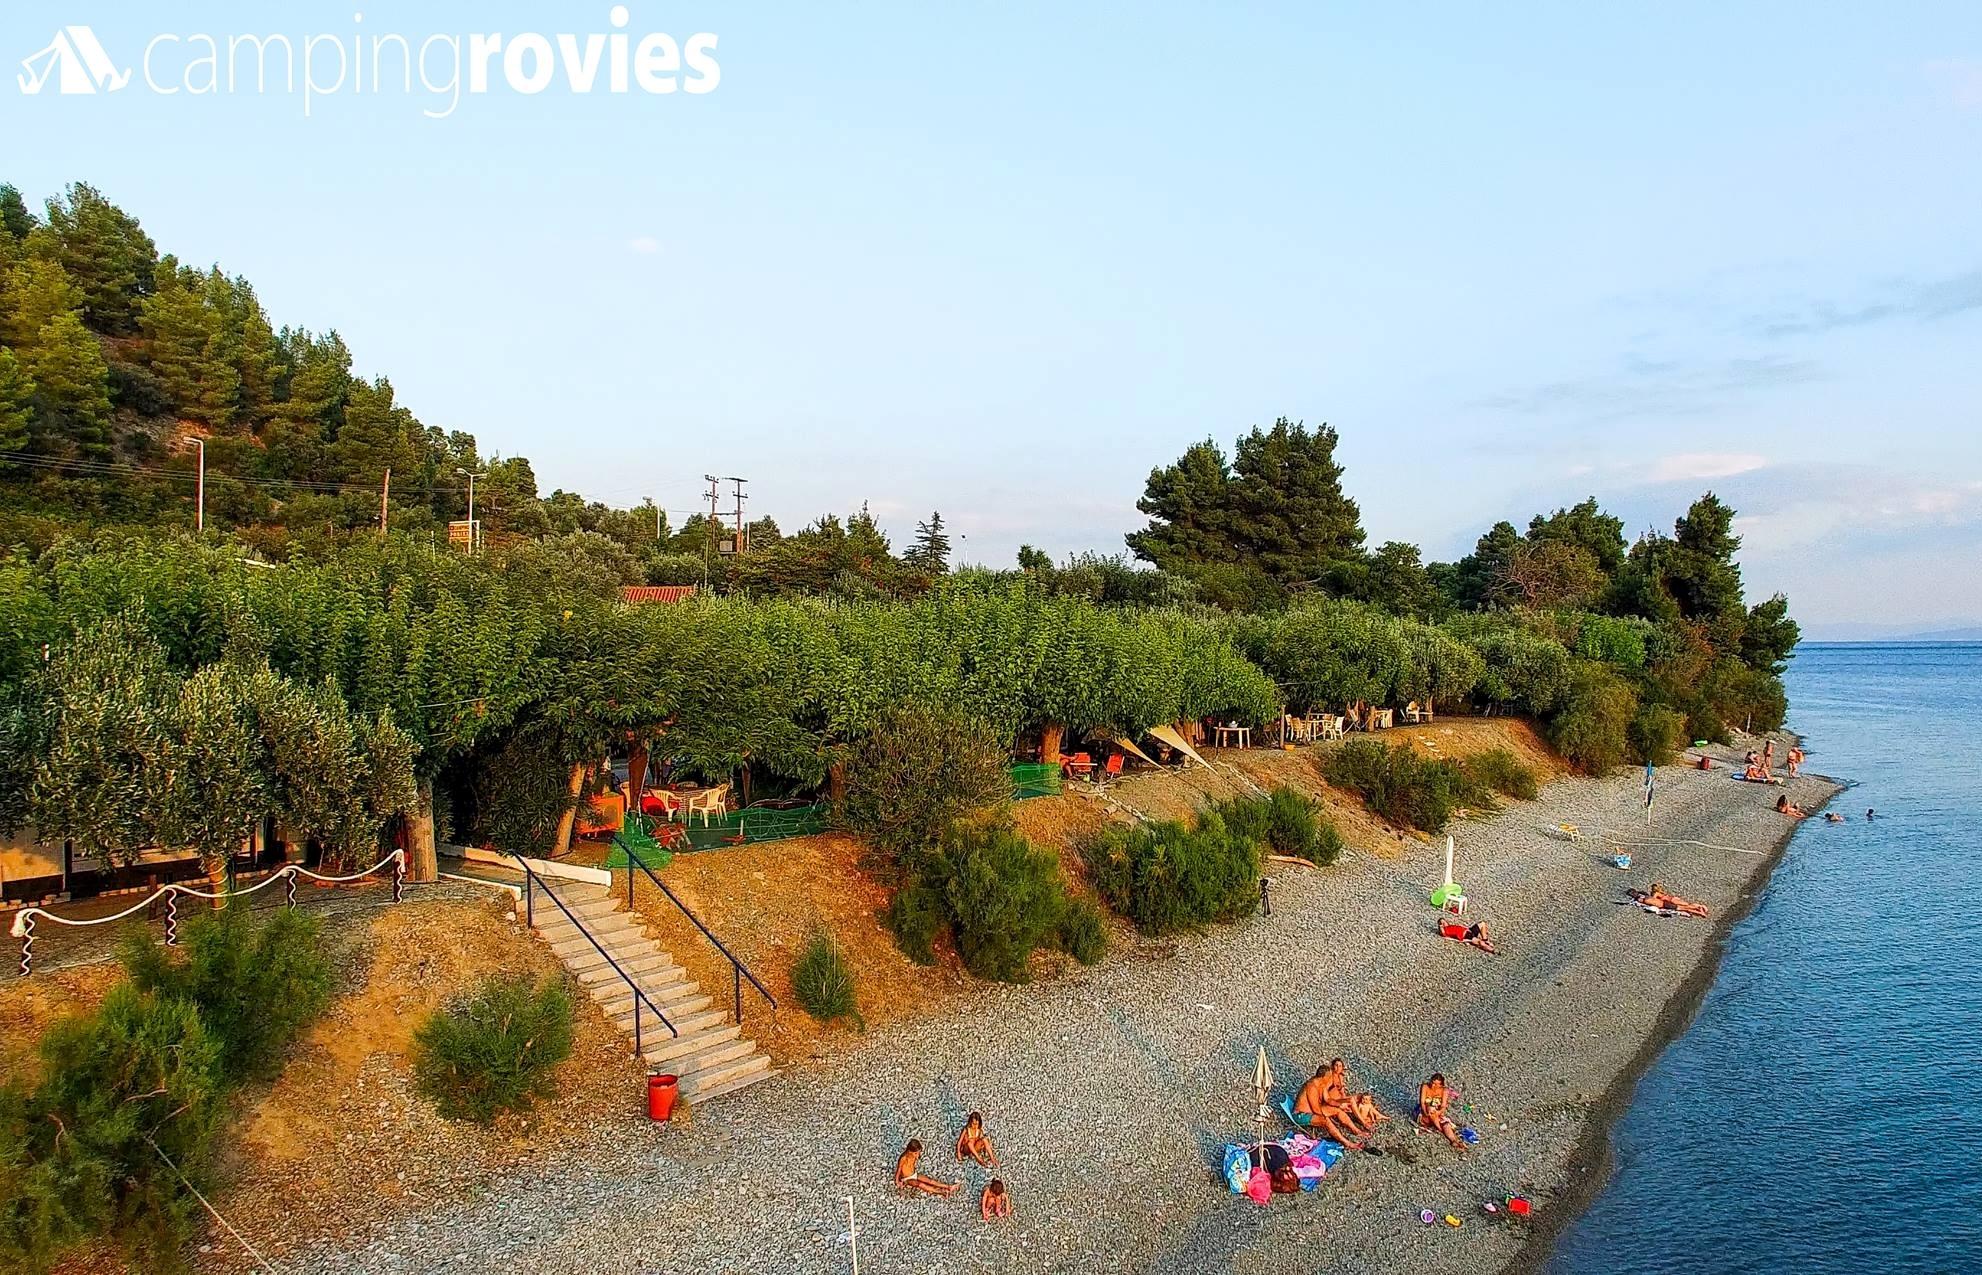 10,3€ από 21€ για 1 Διανυκτέρευση 2 ατόμων, με αυτόνομη πρόσβαση στην παραλία, θέση parking & παροχή ρεύματος, στο ειδυλλιακό ''Camping Rovies'' στην Βόρεια Εύβοια! Ίσως το καλύτερο camping της Ελλάδας! εικόνα